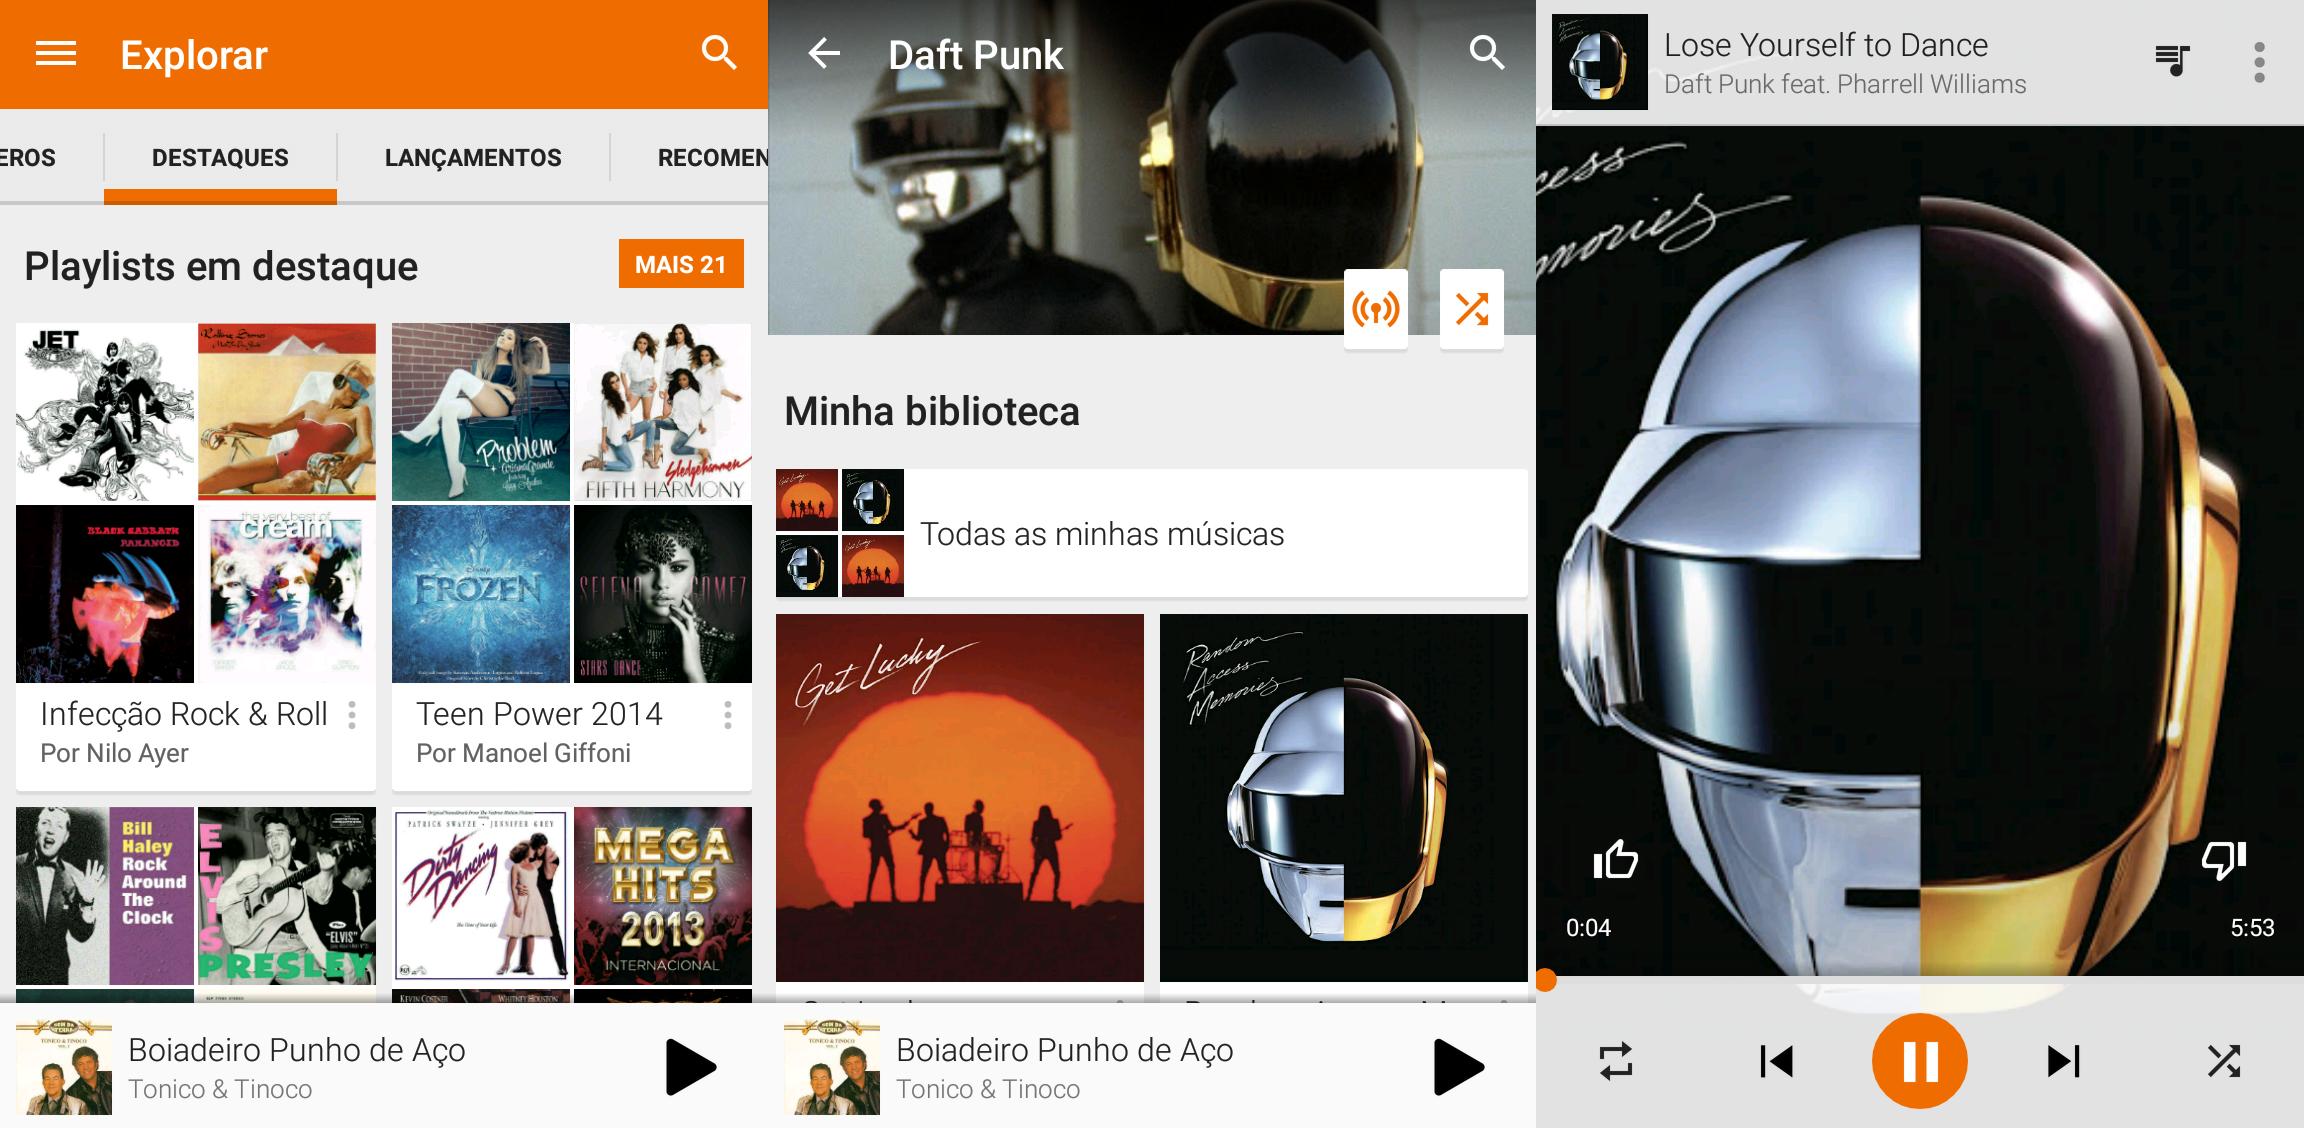 Google Play Música Acesso Ilimitado - Android